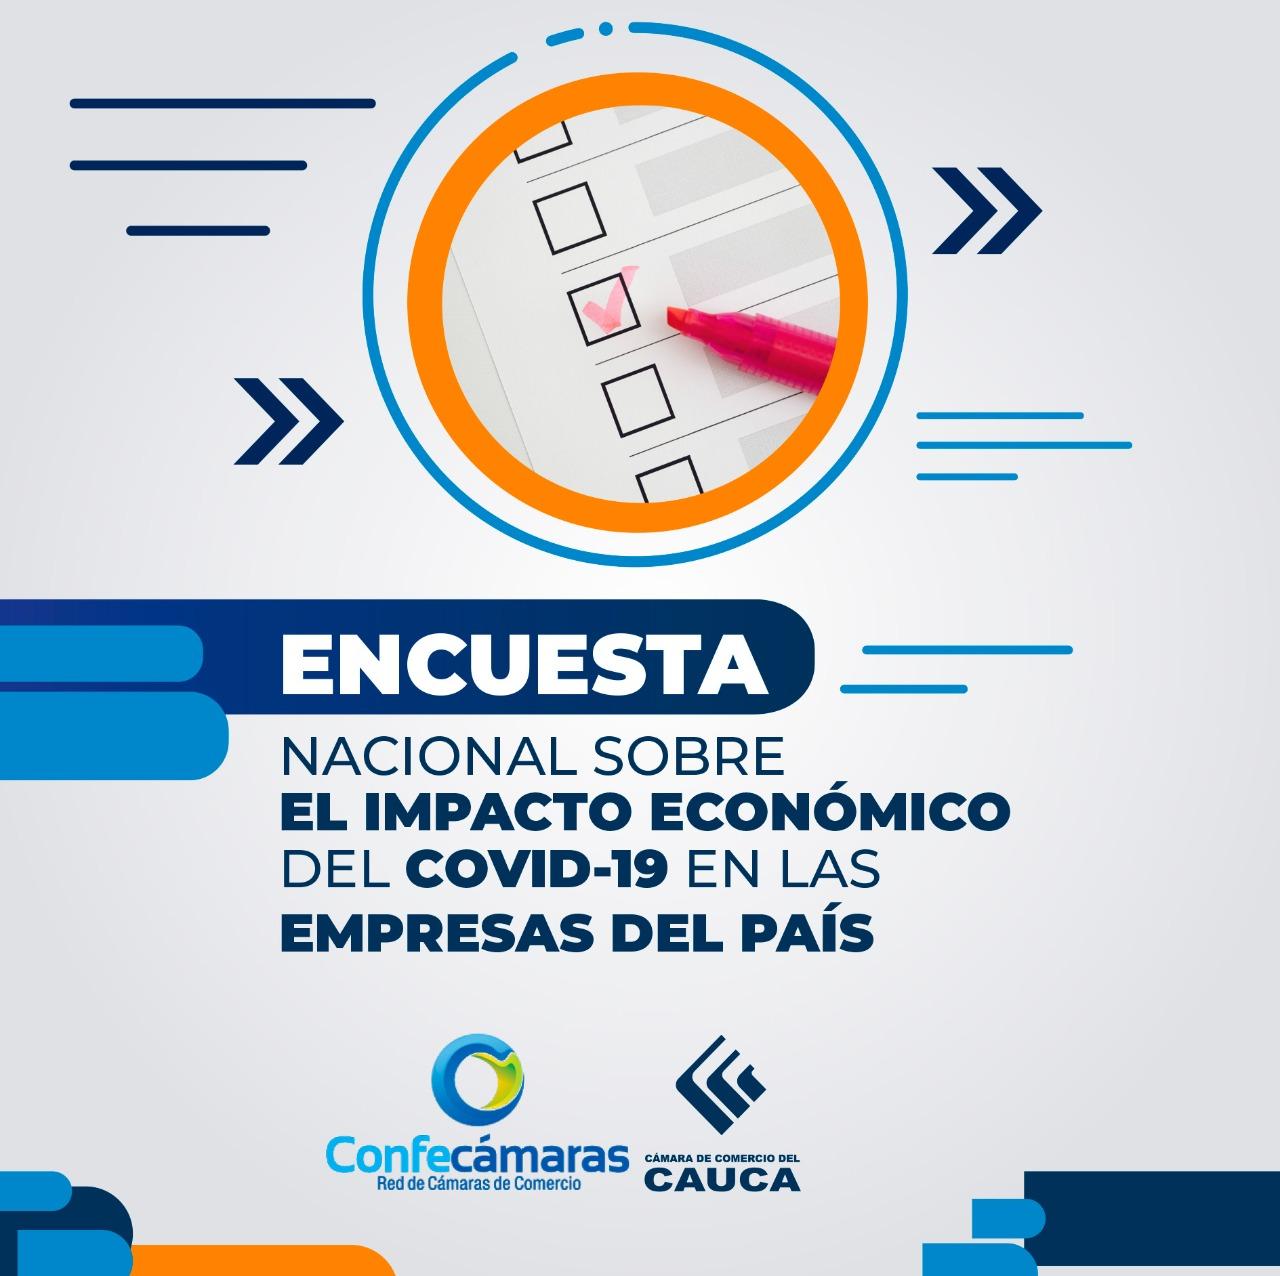 Encuesta Nacional sobre el Impacto Económico del COVID-19